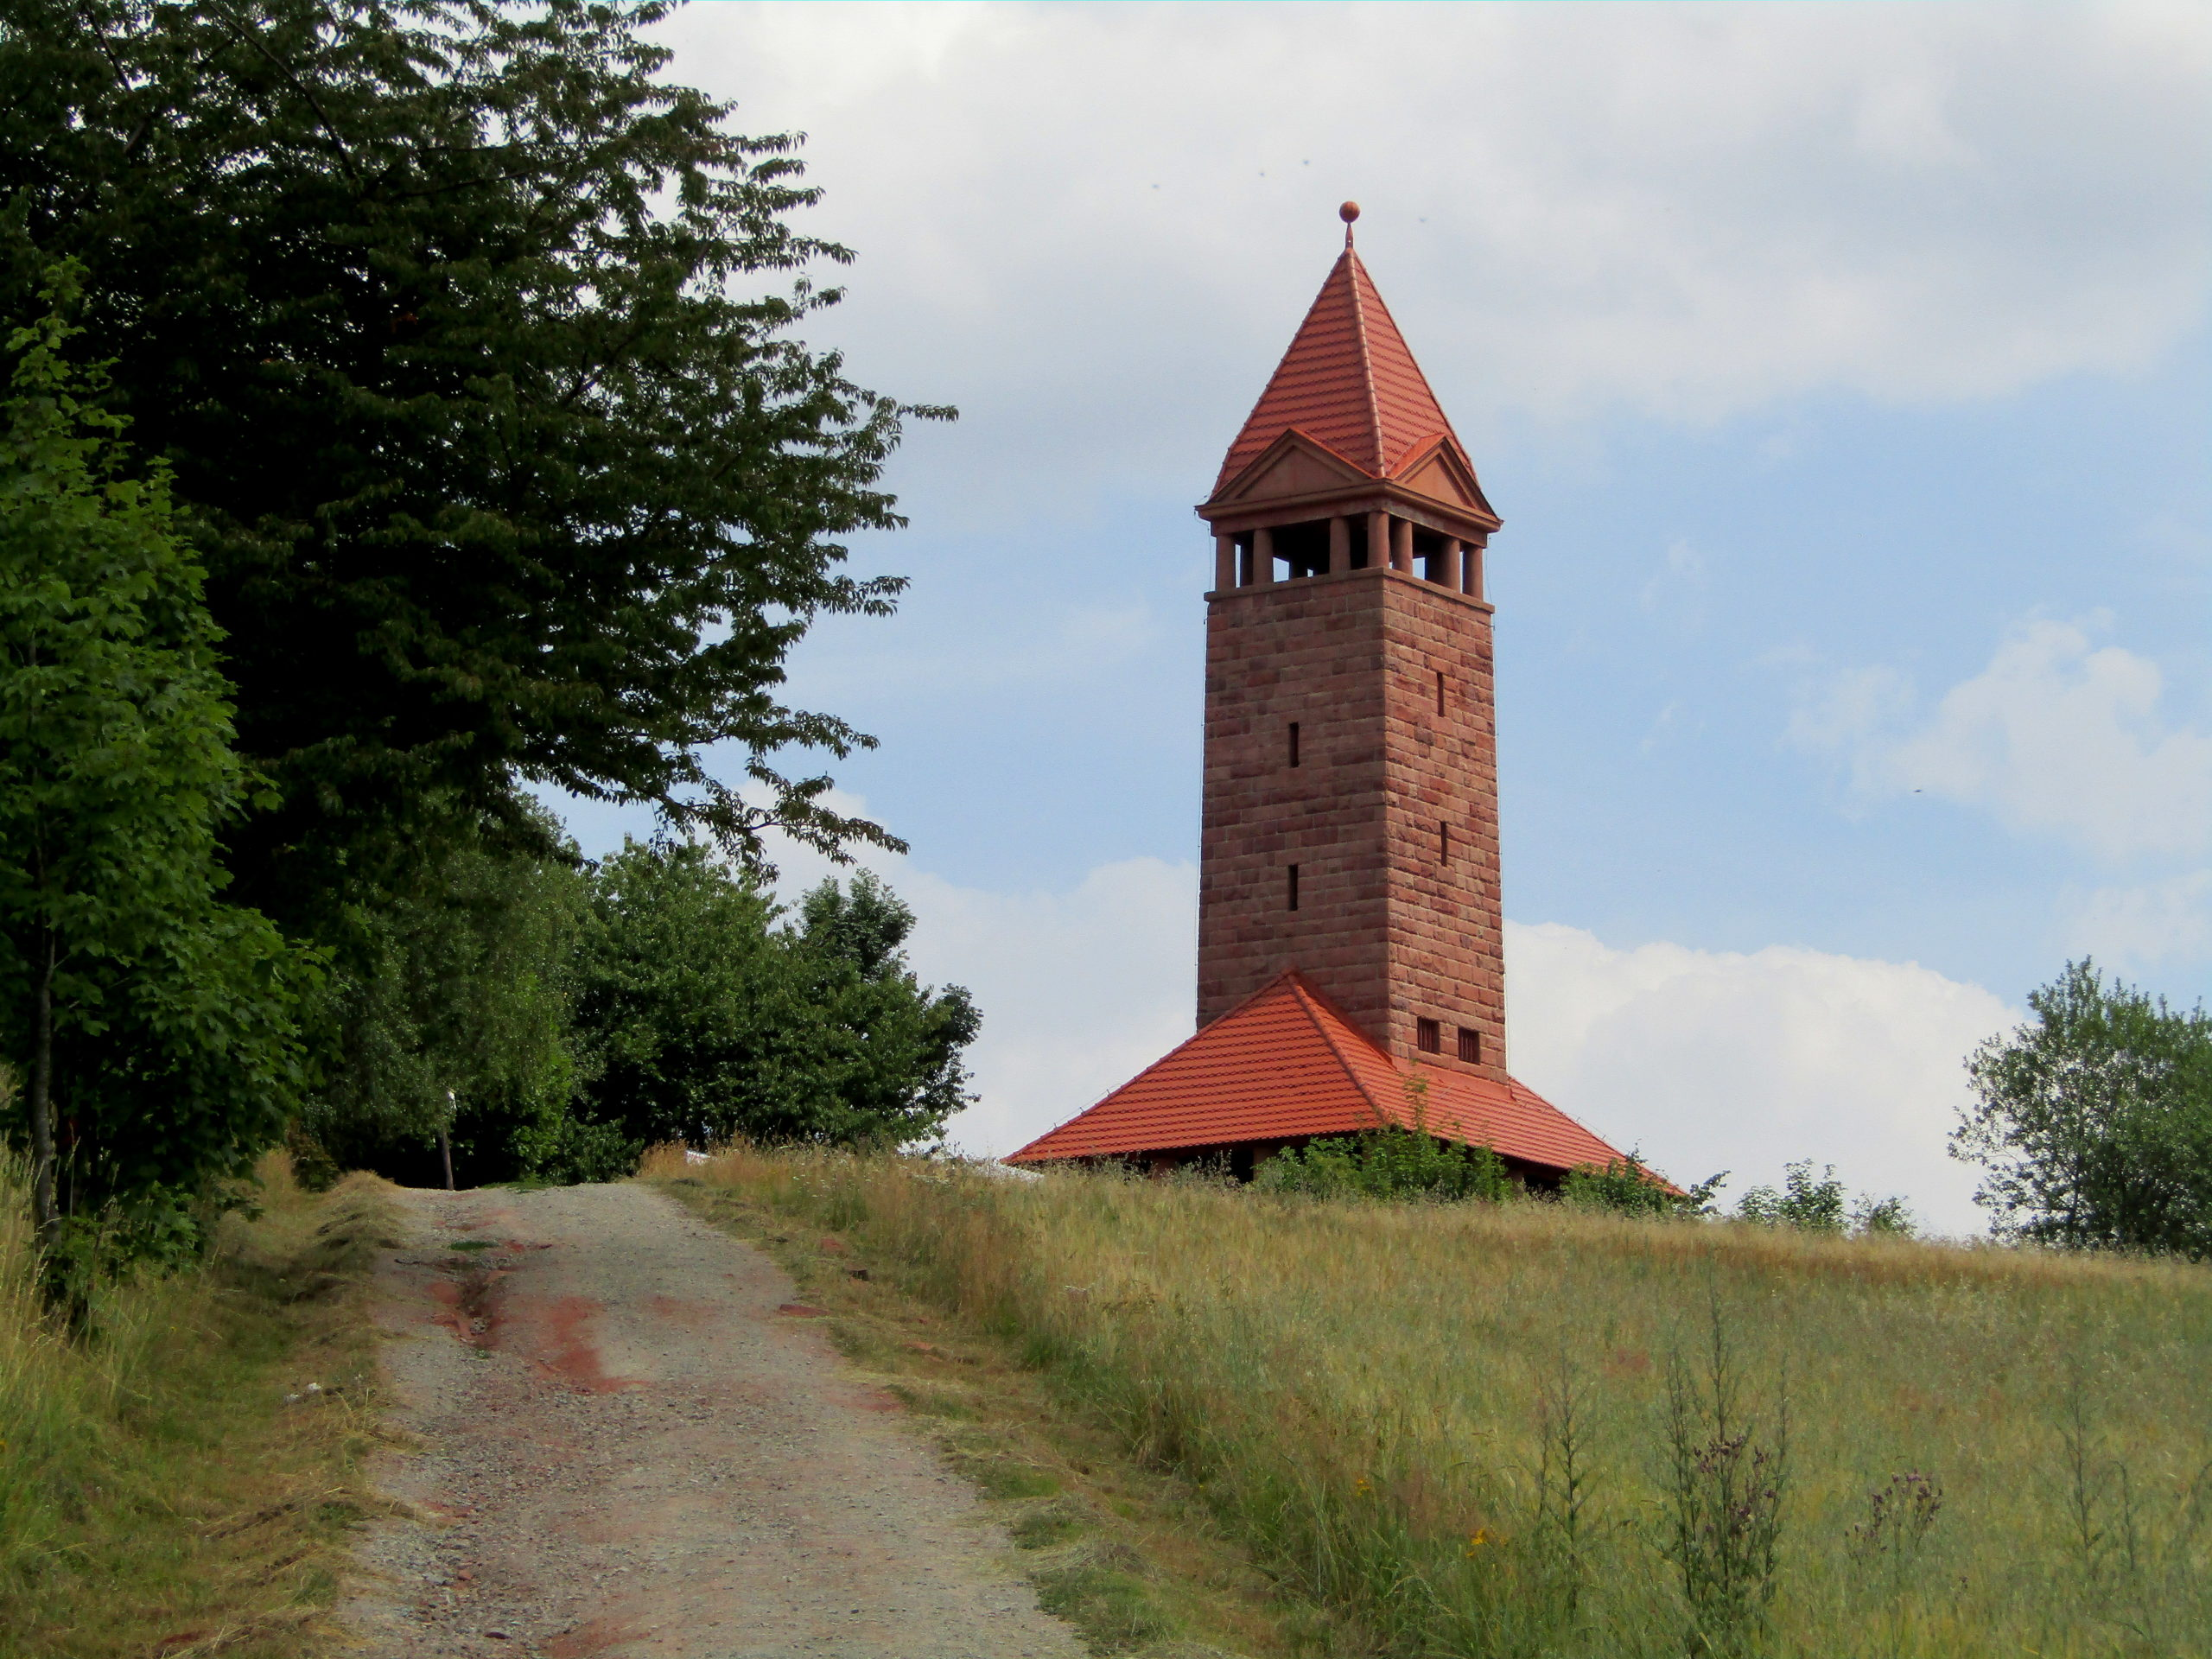 Trasa 21 Gorzuchów – Nowa Ruda Słupiec – Góra Wszystkich Świętych - Góra Świętej Anny – Nowa Ruda